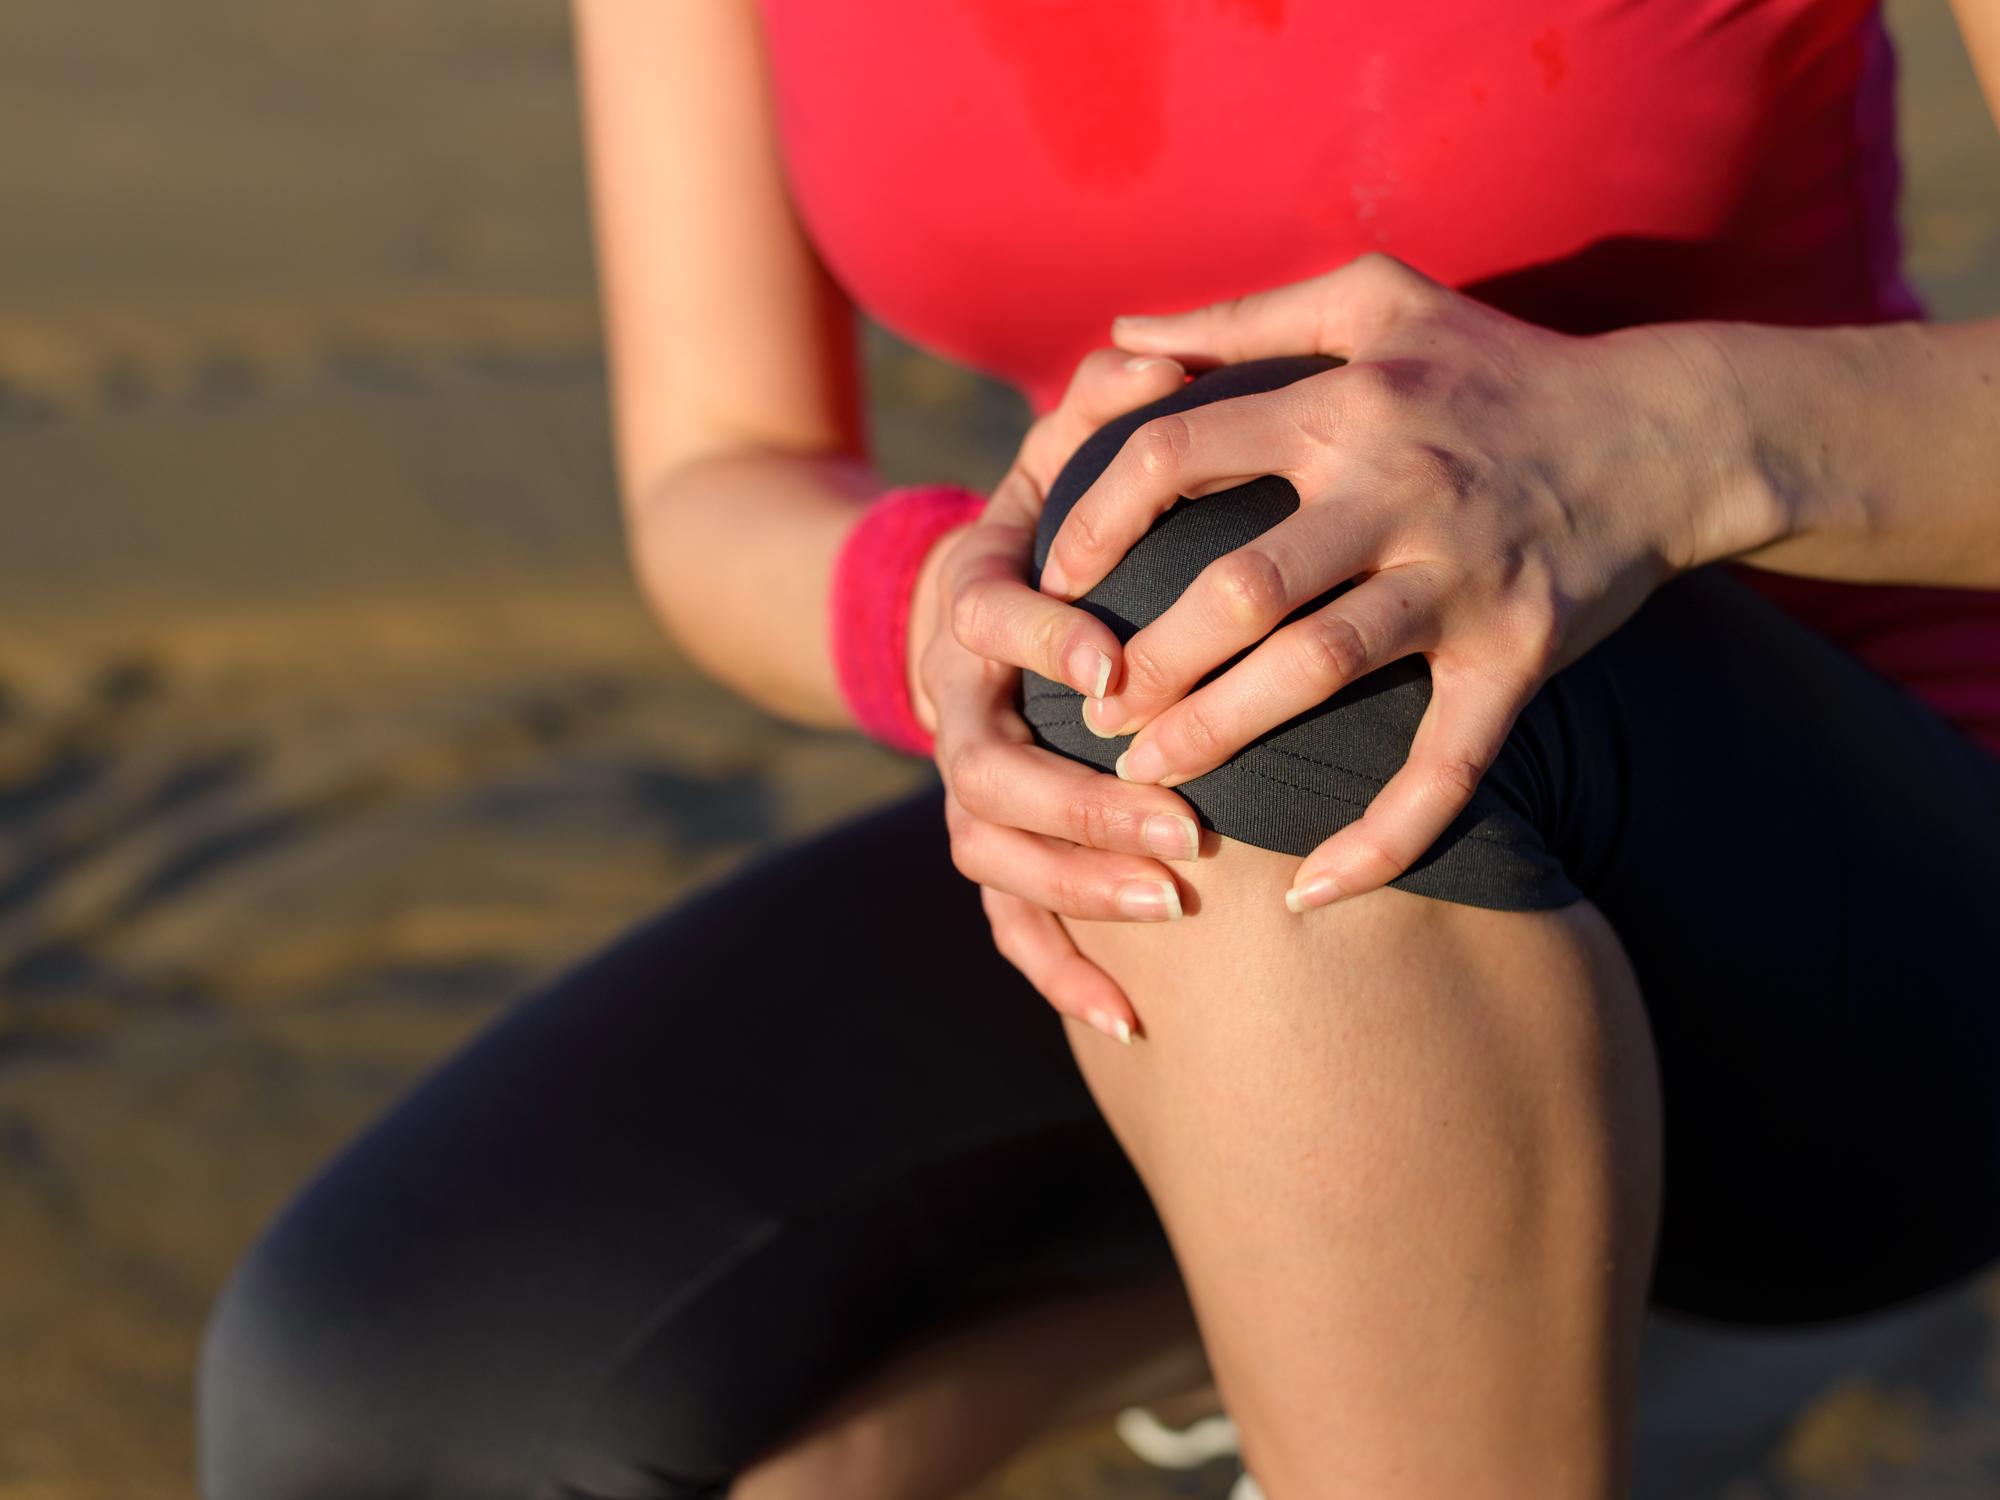 A térdízület keresztkötéseinek törése: tünetek, típusok, kezelés - Diagnosztika July